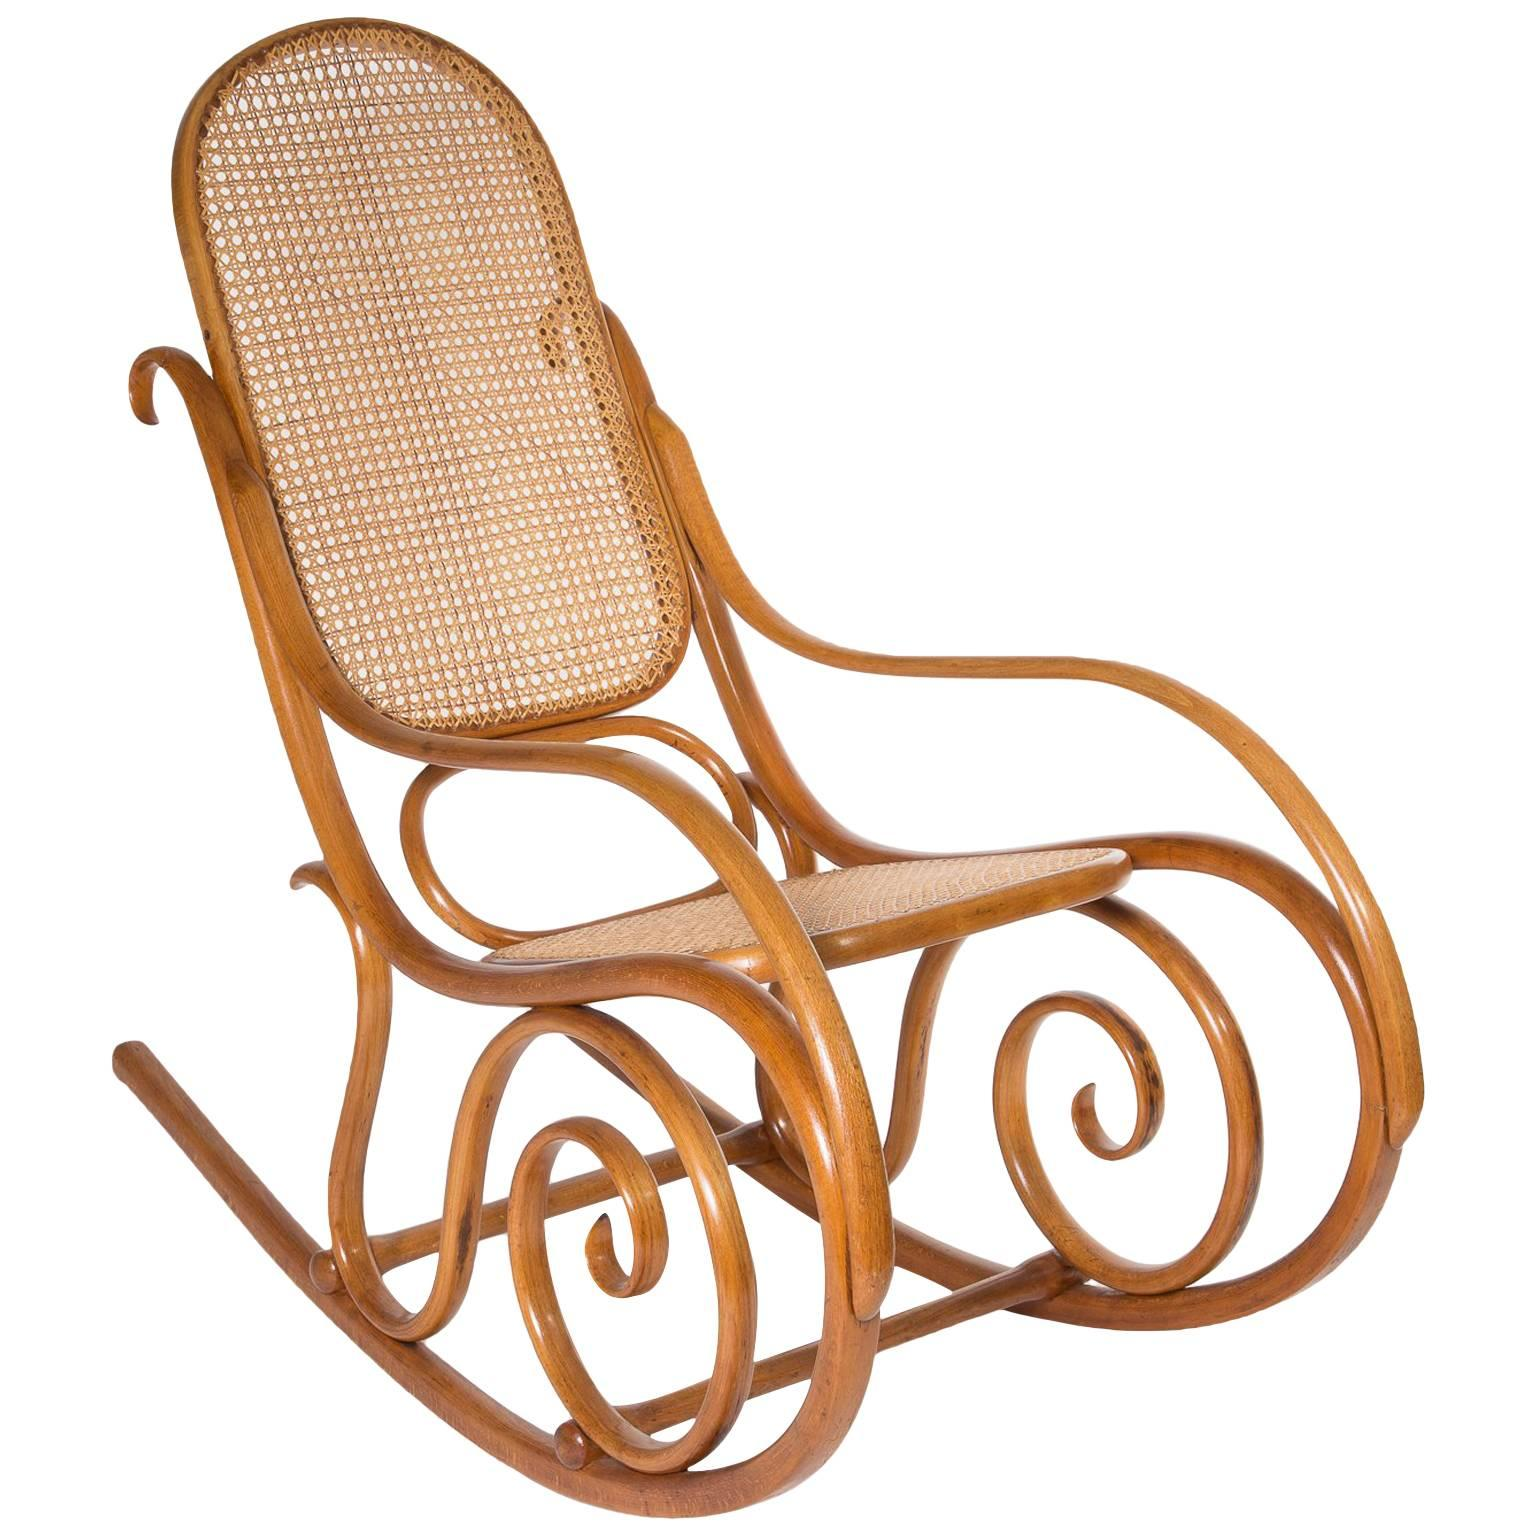 Jugendstil Thonet No.10 Bentwood Rocking Chair, Austria 1895 For Sale